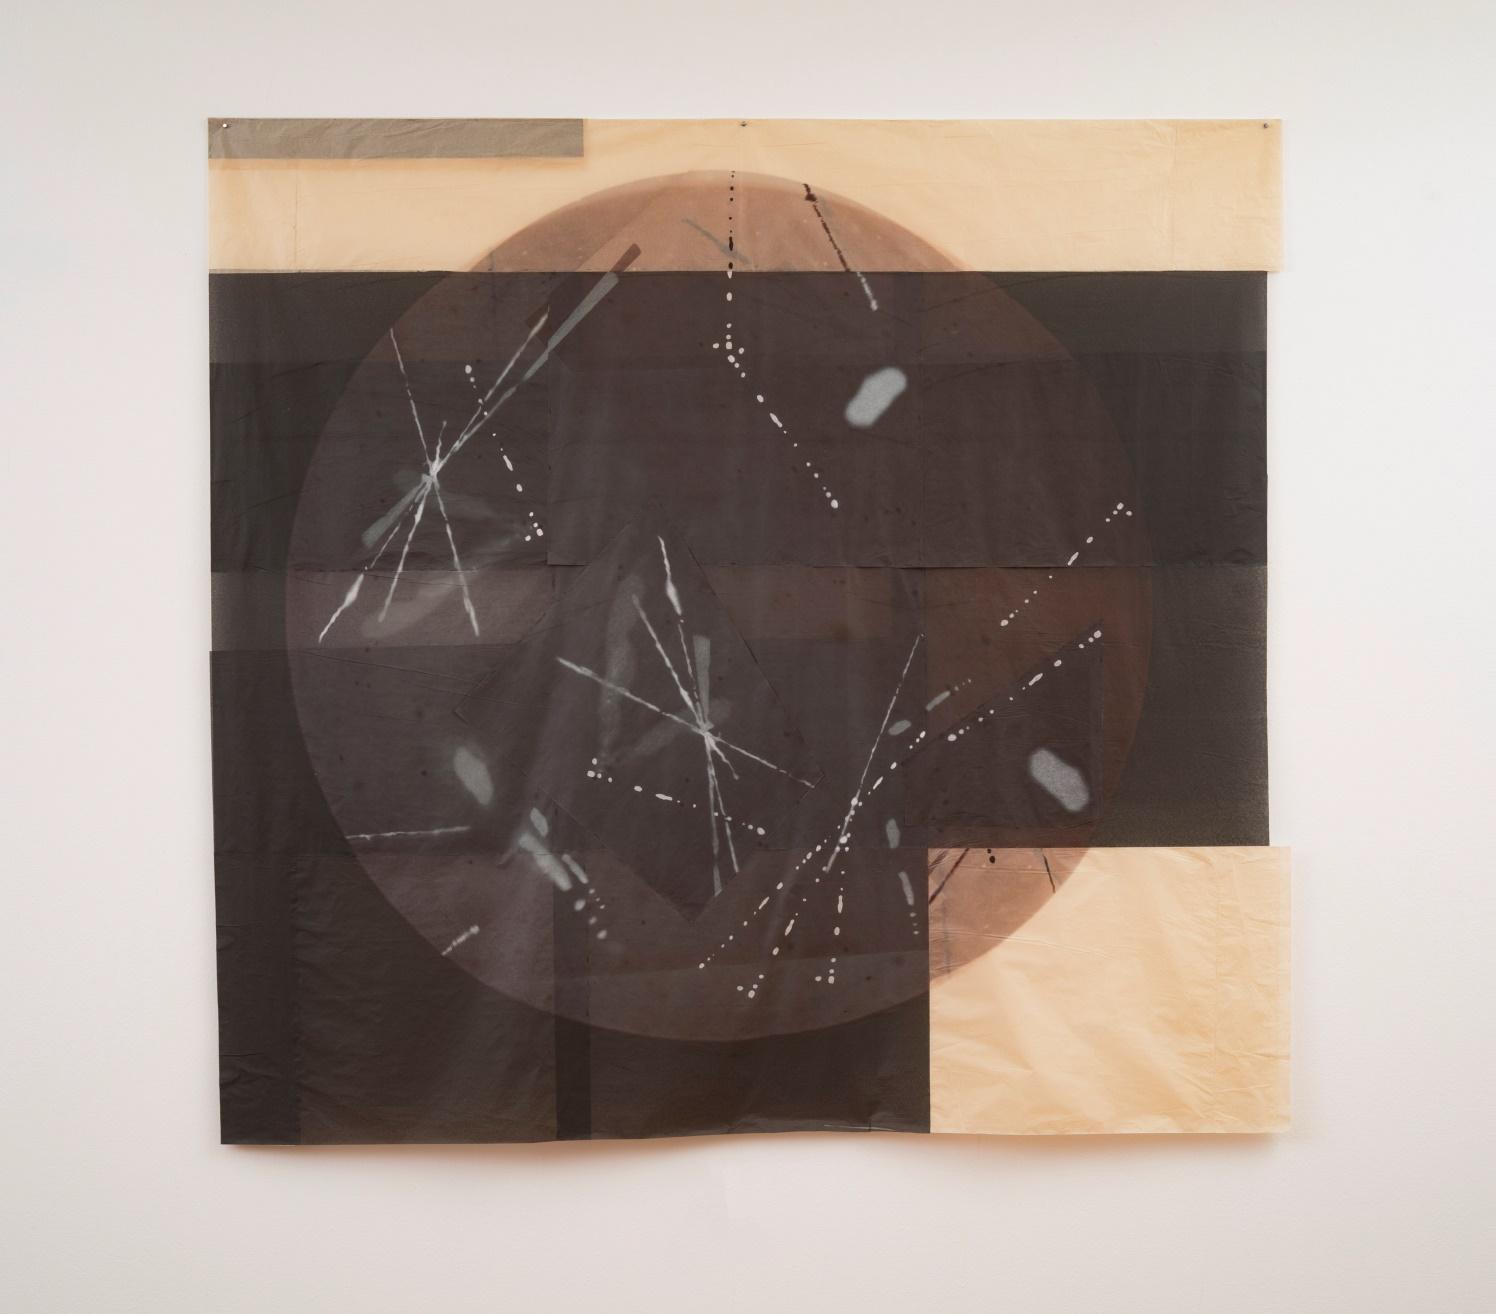 Partículas Cósmicas, 2016<br/>Impresión digital sobre papel cebolla / Inkjet print on onion paper